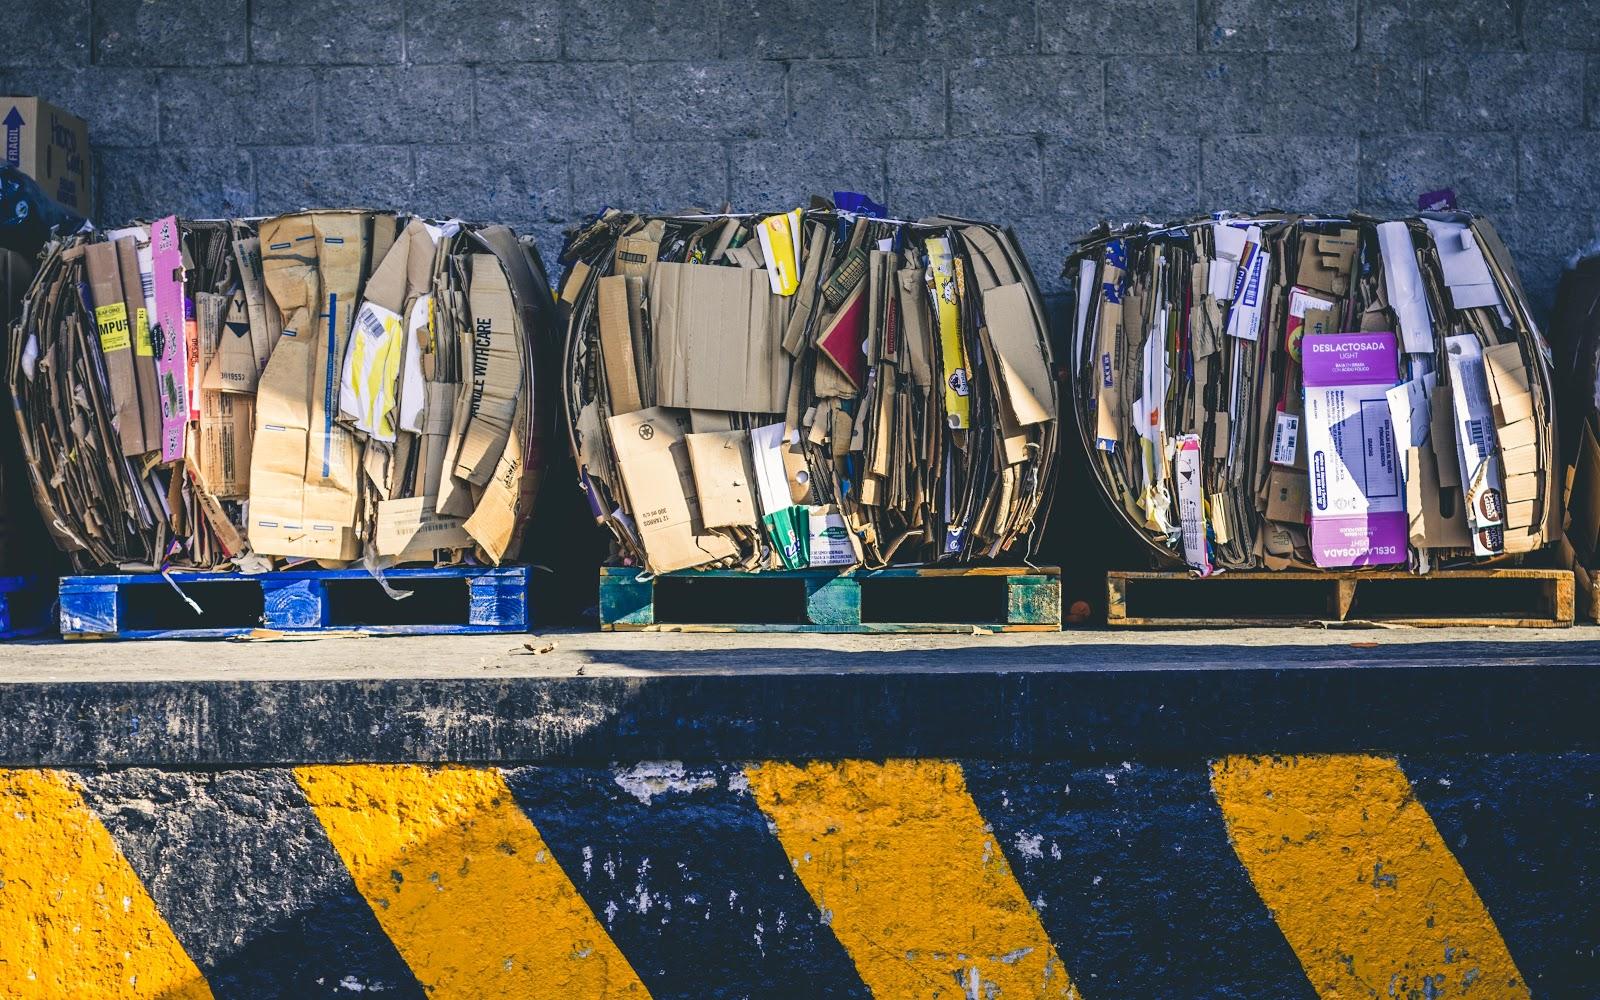 No 1 Junk Street World Garbage Denmark